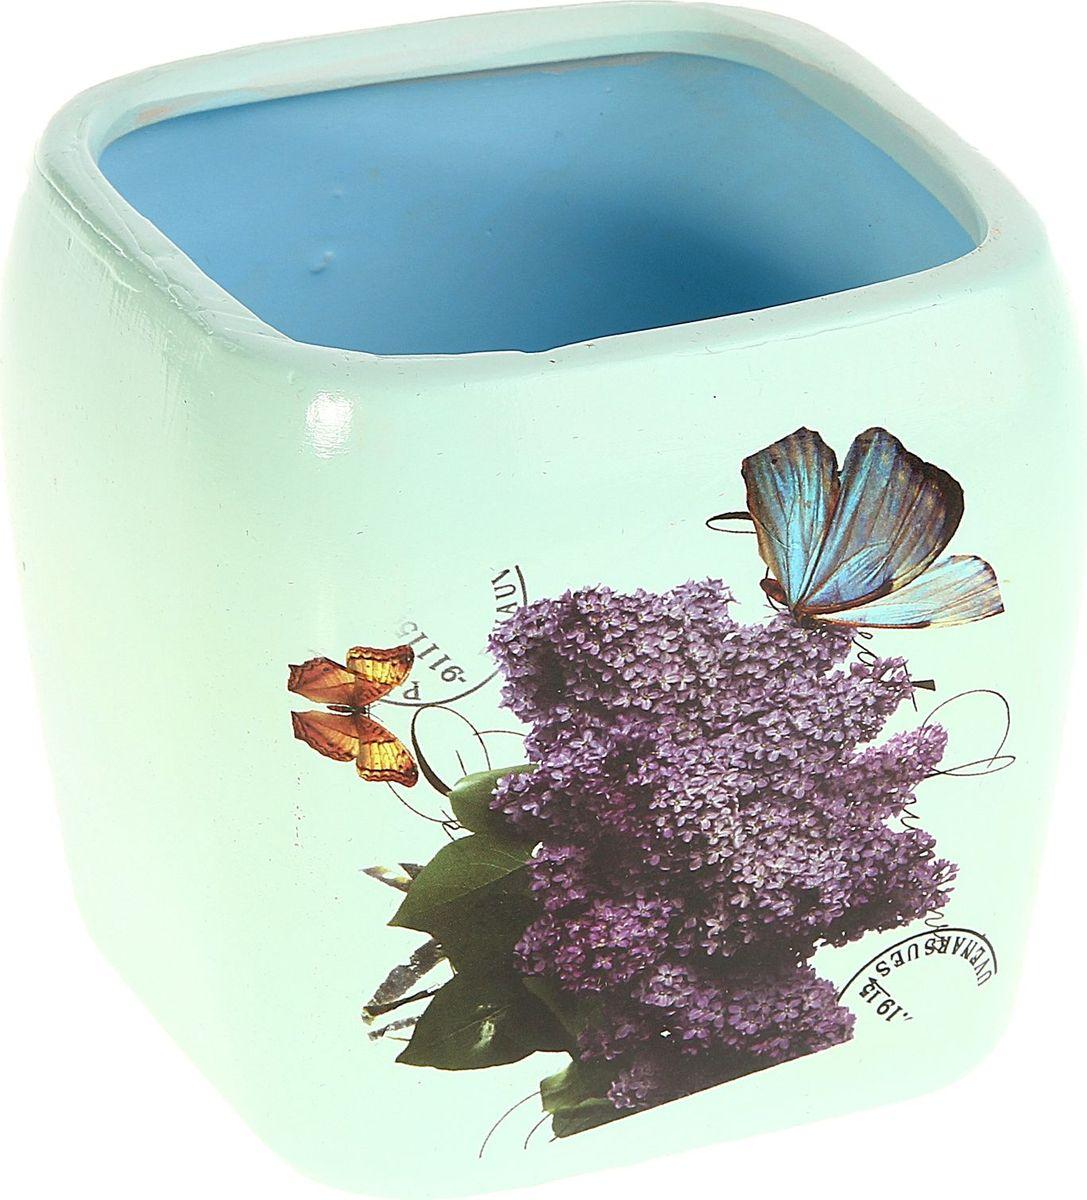 Кашпо Сирень. Квадрат, цвет: голубой, 10 х 10 х 10 см829748Комнатные растения — всеобщие любимцы. Они радуют глаз, насыщают помещение кислородом и украшают пространство. Каждому из них необходим свой удобный и красивый дом. Кашпо из керамики прекрасно подходят для высадки растений: за счёт пластичности глины и разных способов обработки существует великое множество форм и дизайновпористый материал позволяет испаряться лишней влагевоздух, необходимый для дыхания корней, проникает сквозь керамические стенки! #name# позаботится о зелёном питомце, освежит интерьер и подчеркнёт его стиль.